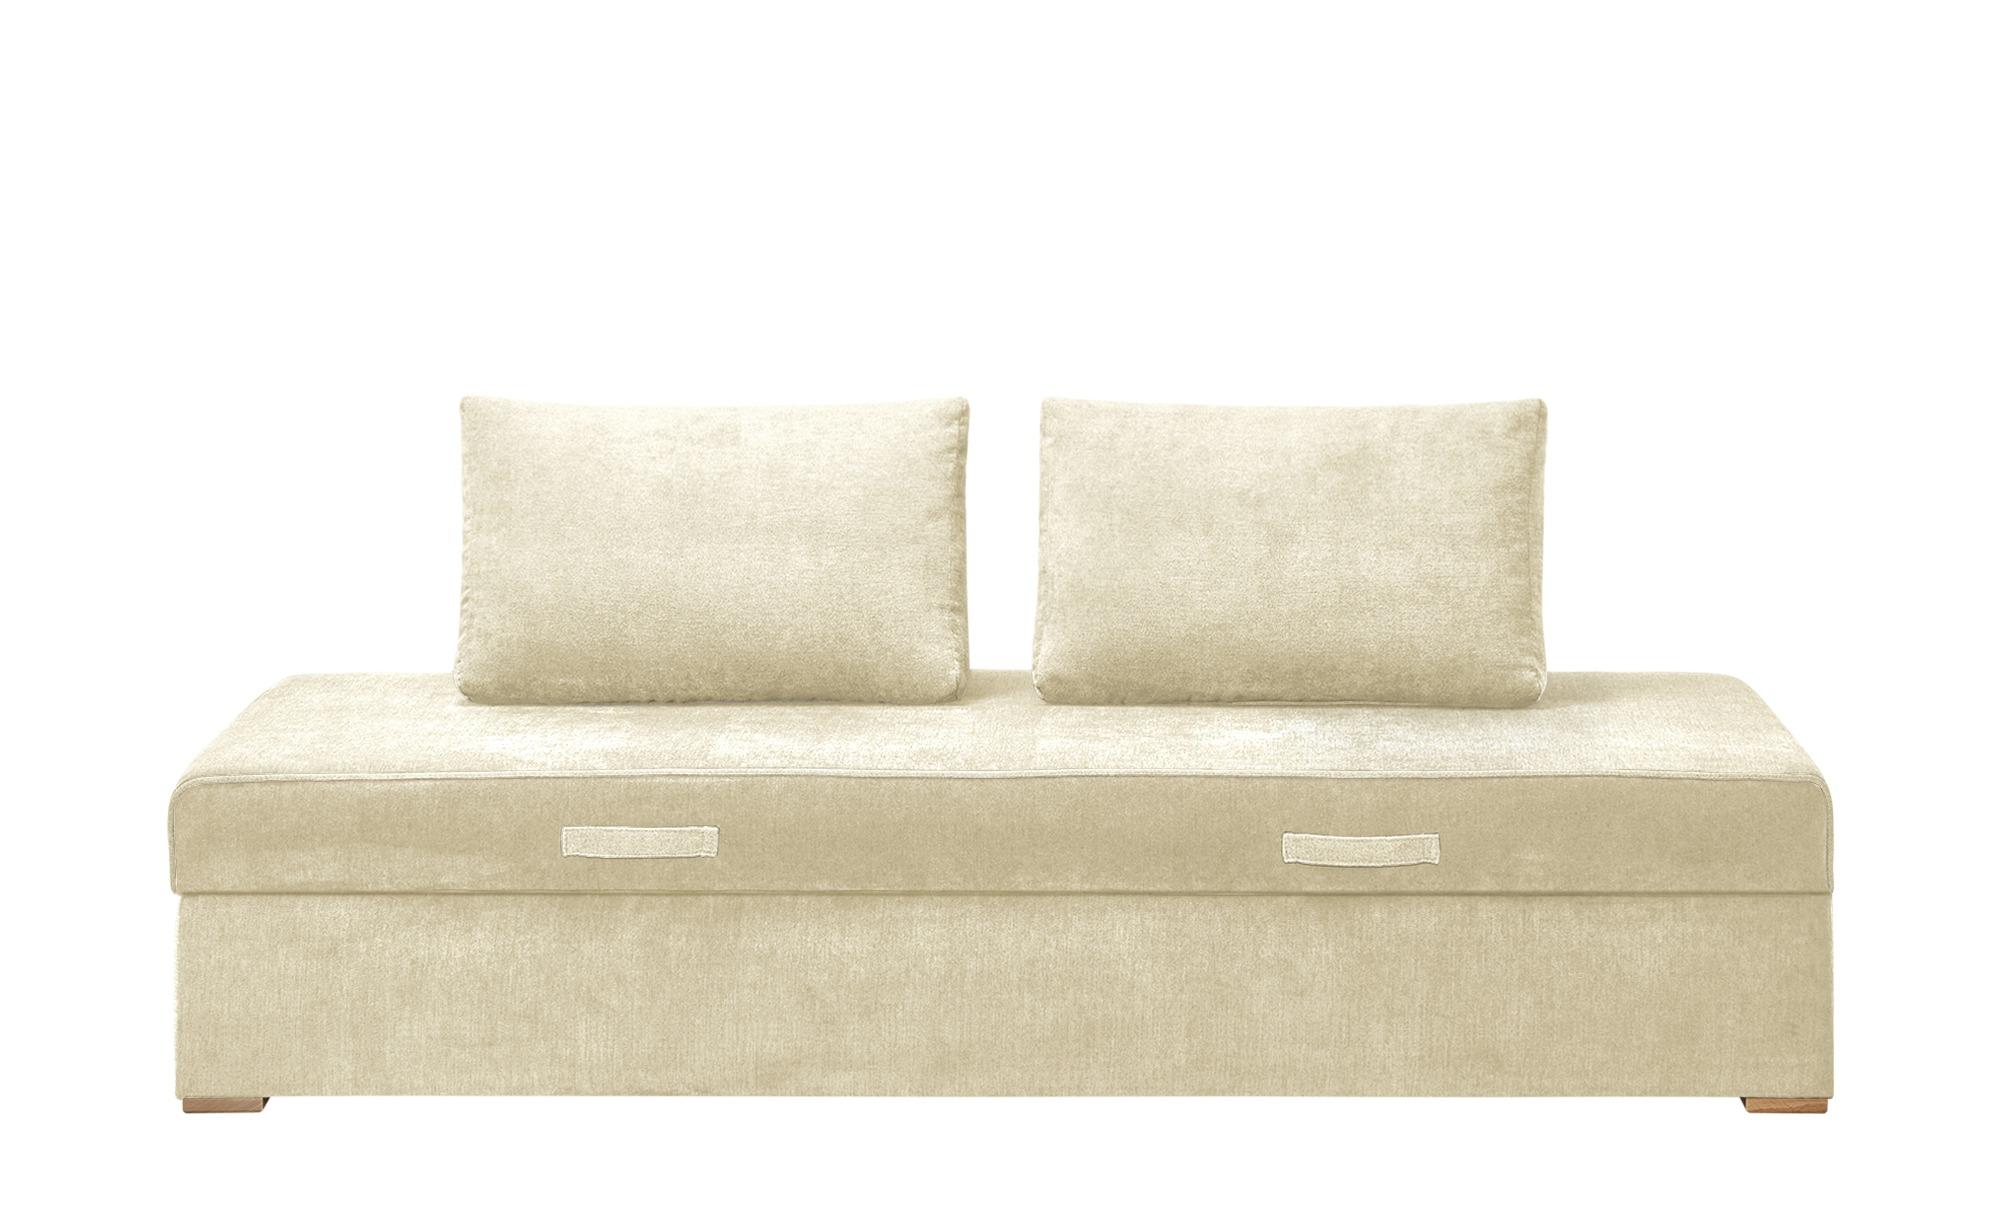 smart Sofaliege - beige - 203 cm - 43 cm - 92 cm - Polstermöbel > Sofas > E günstig online kaufen